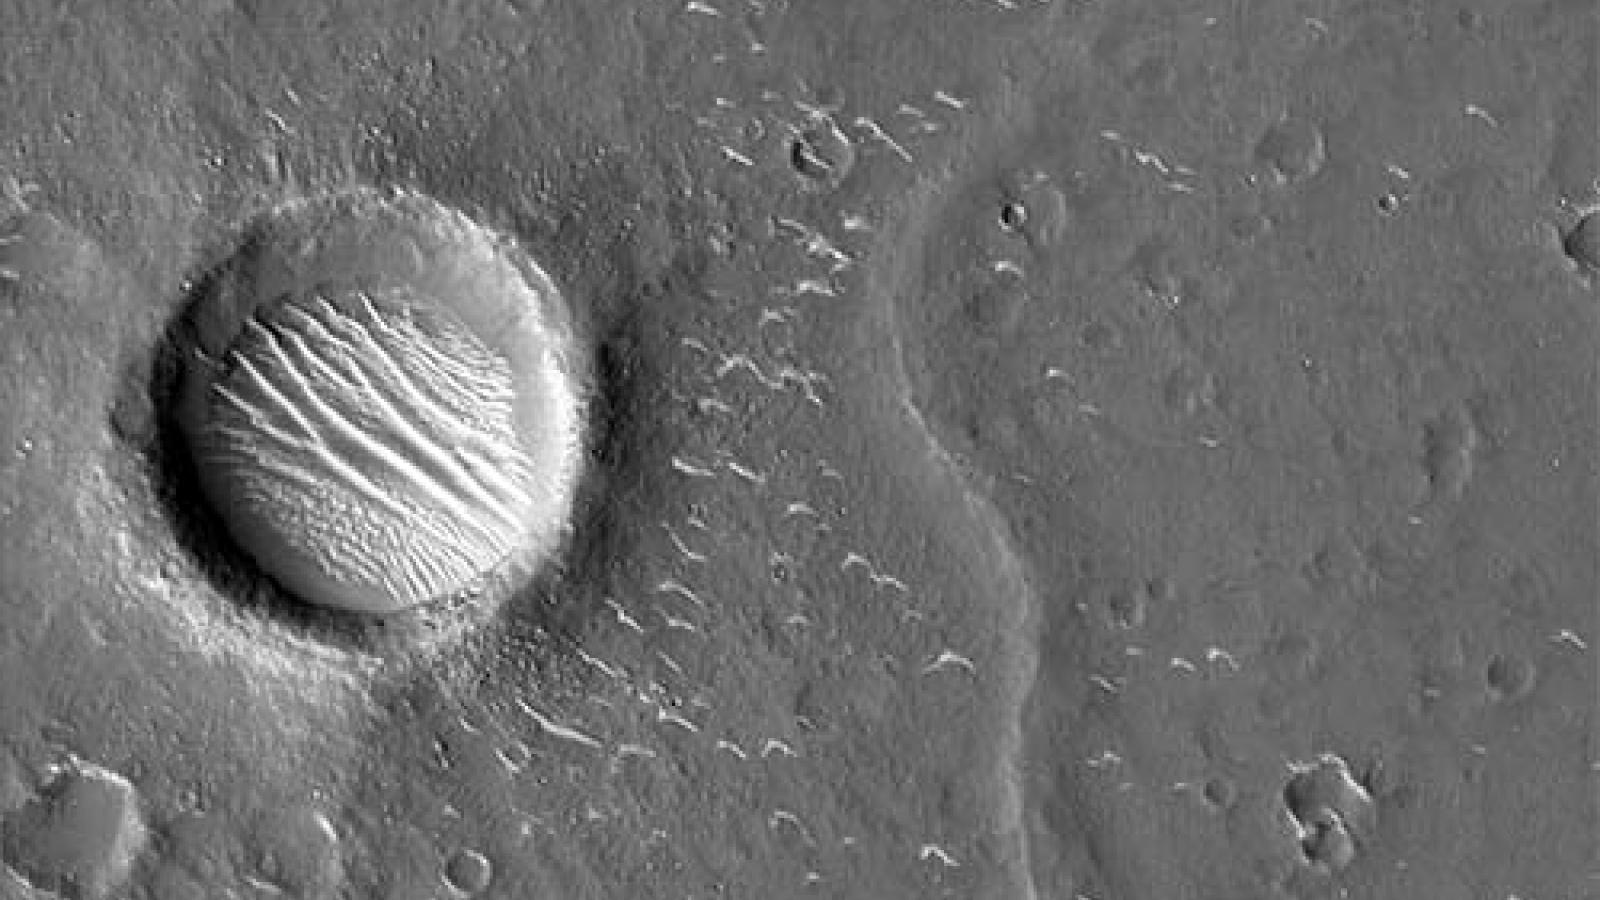 Các hình ảnh độ nét cao về sao Hỏa do Trung Quốc công bố